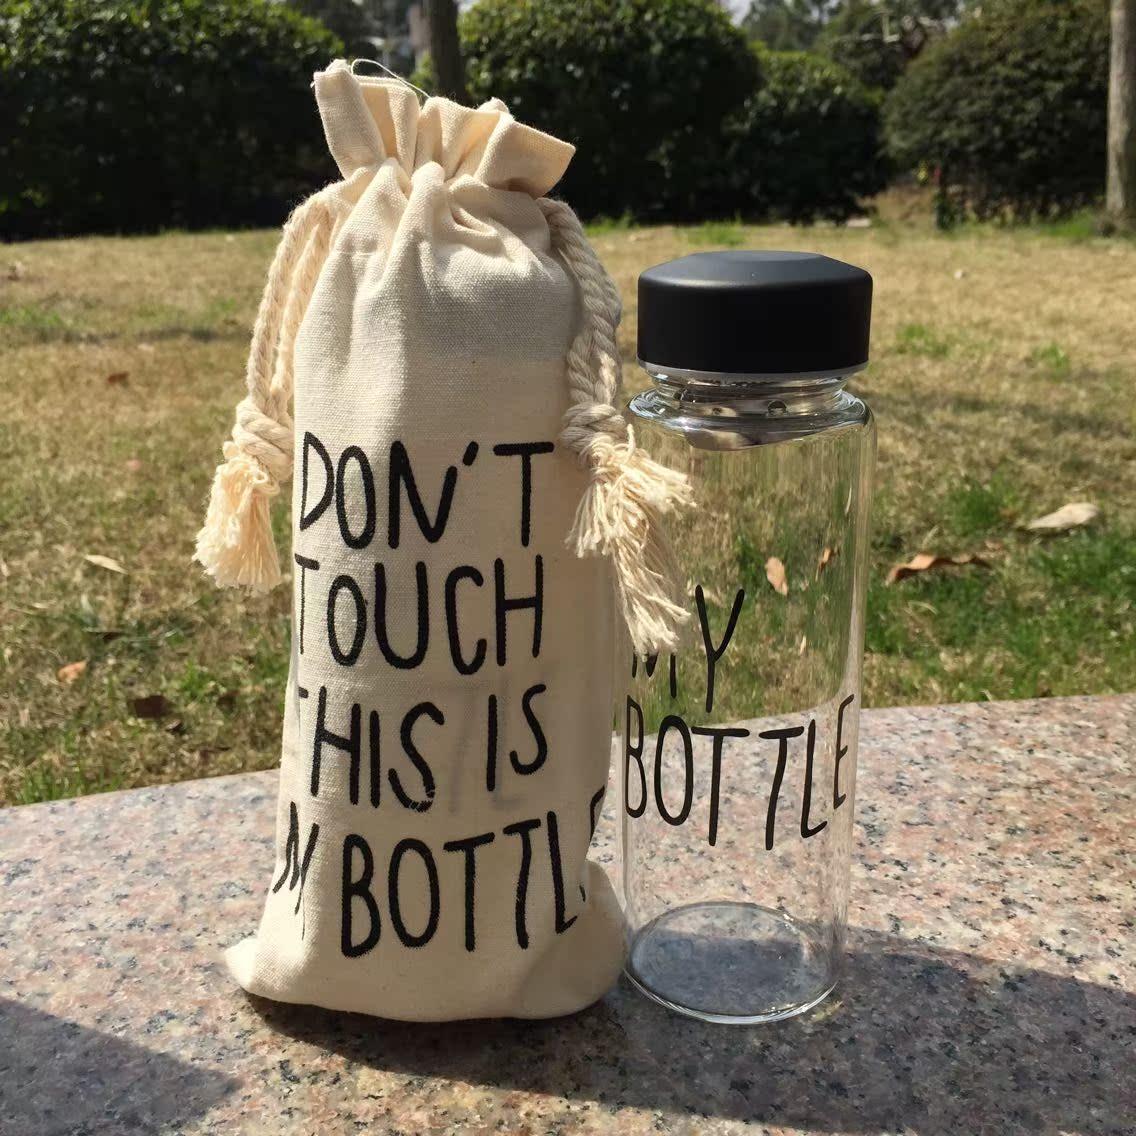 Цвет: Стеклянная бутылка + мешки